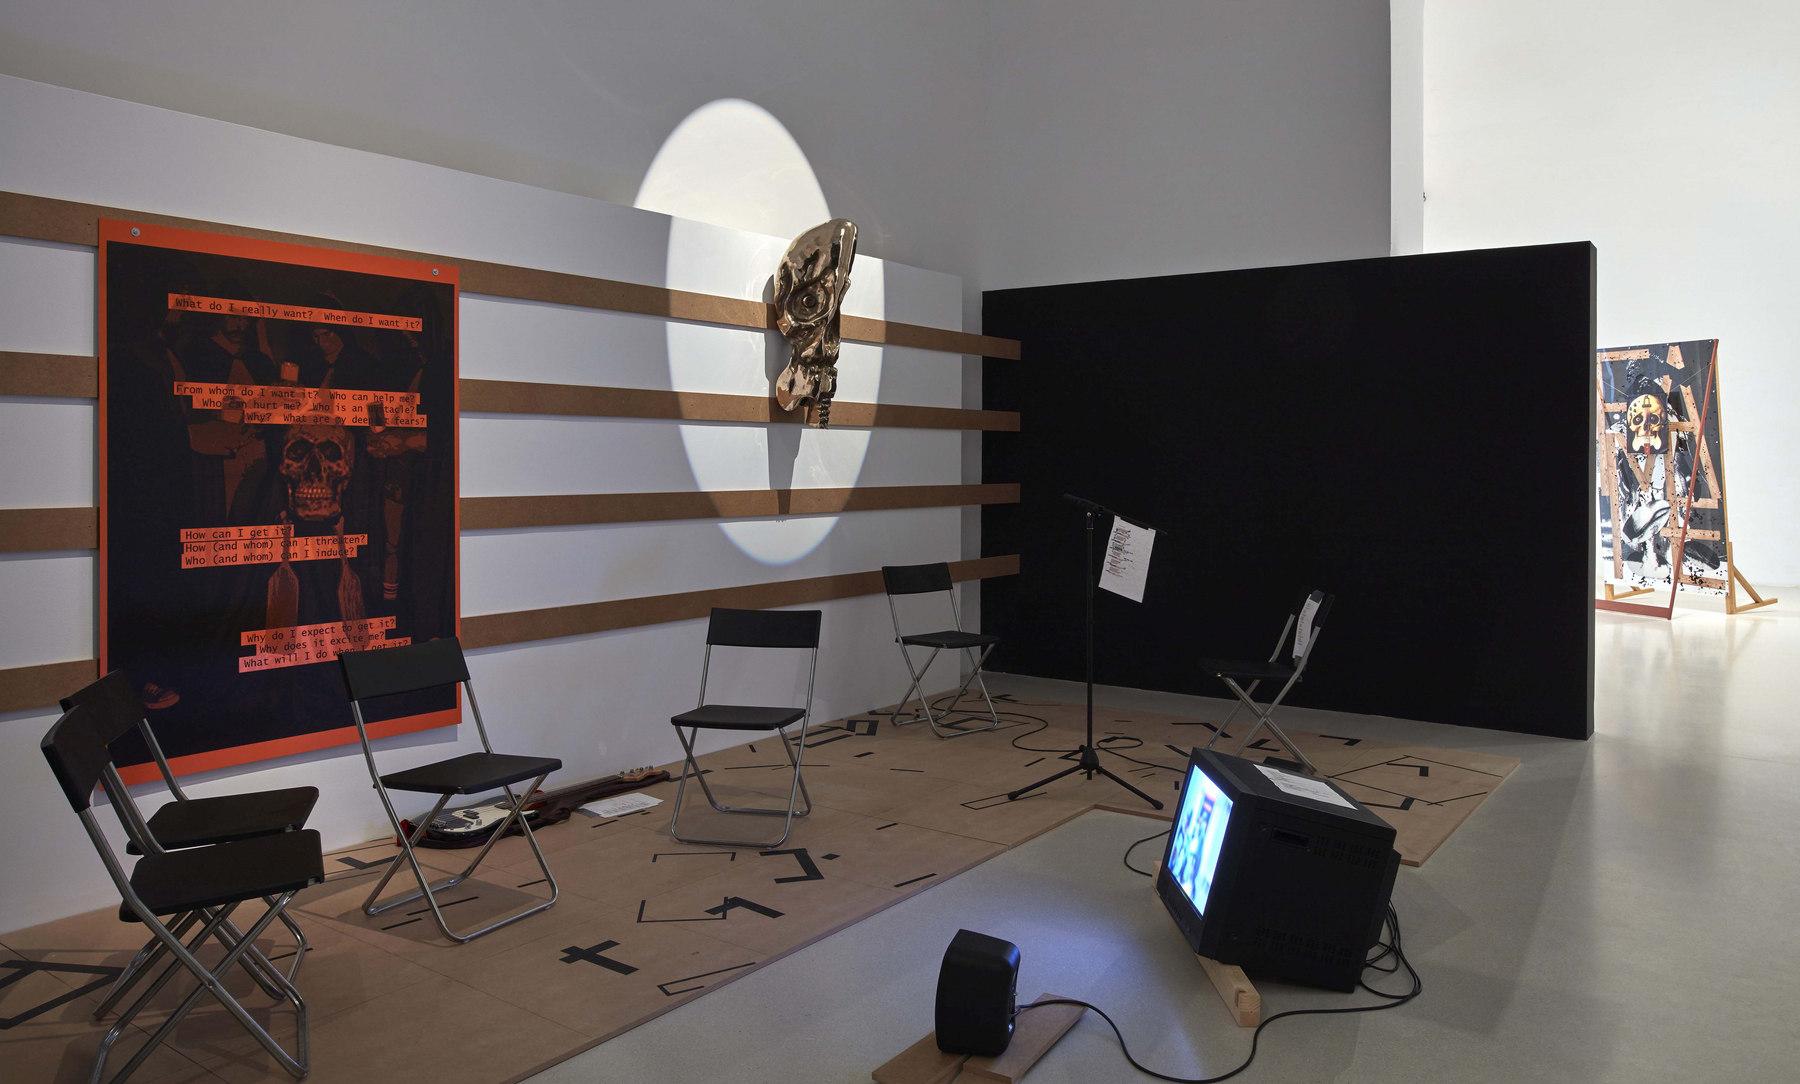 Txomin Badiola at Museo Nacional Centro de Arte Reina Sofía 02